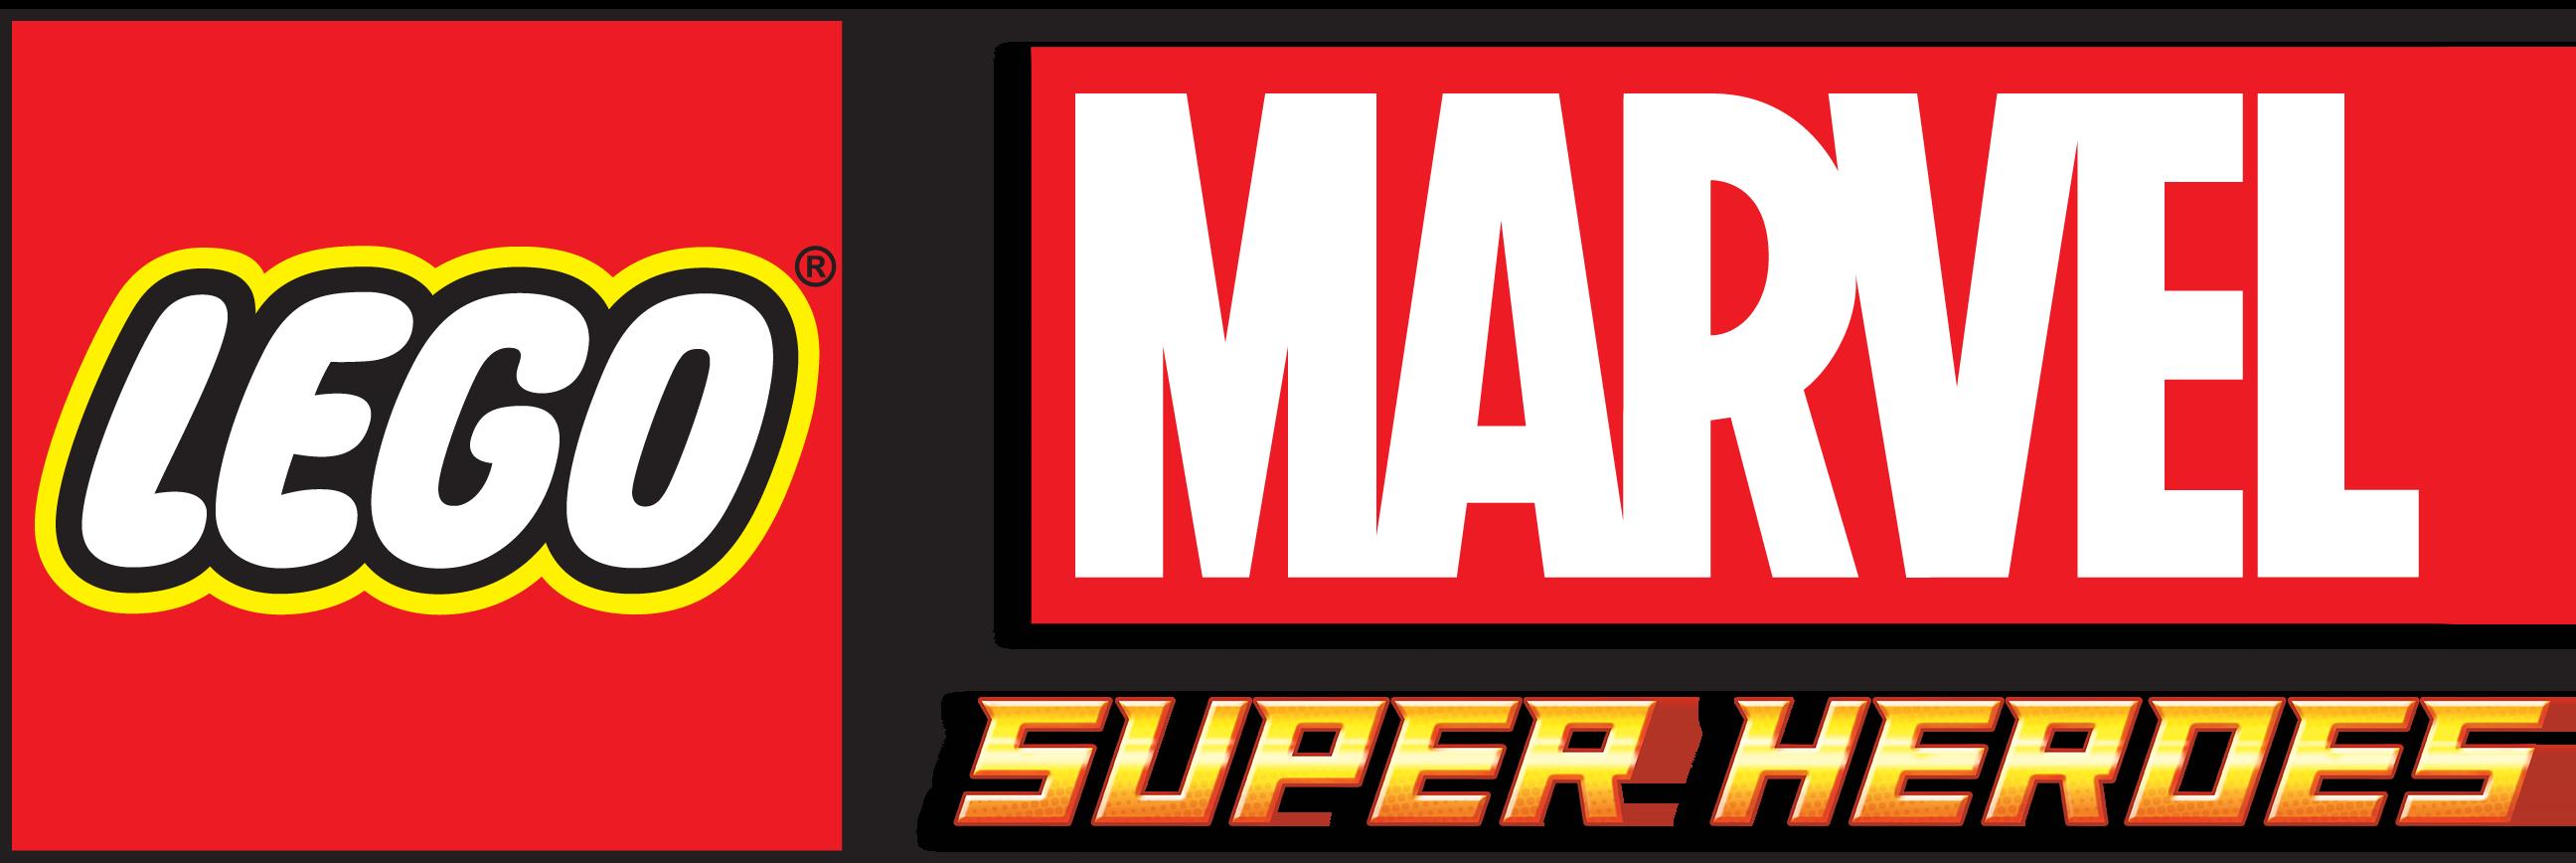 Lego marvel super heroes png logo #3382 - Free Transparent ...